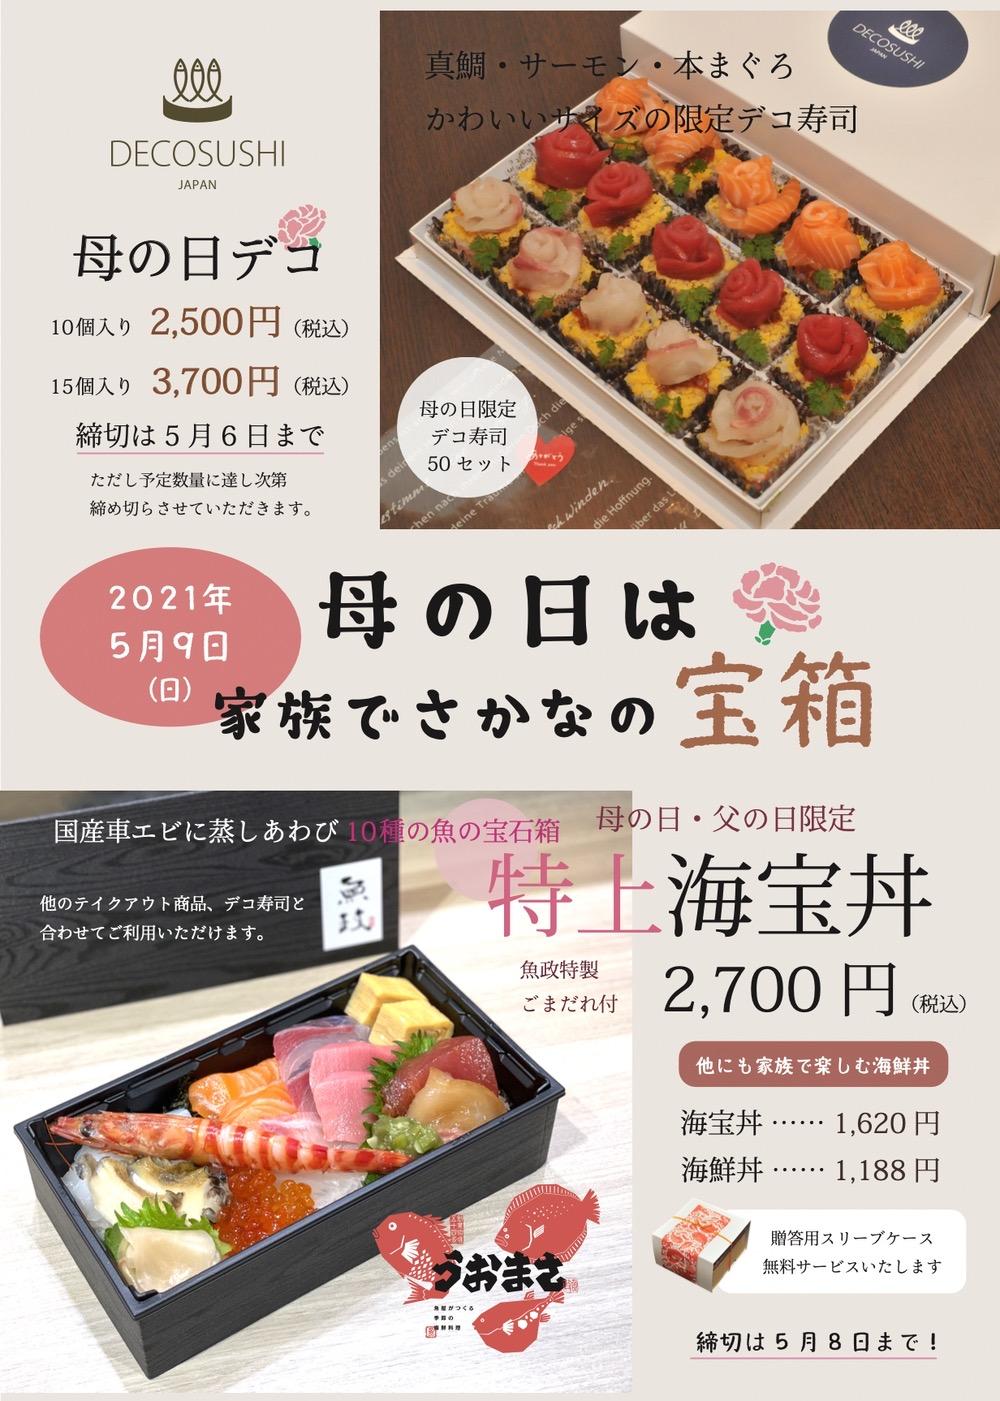 魚政「母の日デコ」「特上海宝丼」限定販売!母の日は家族でさかなの宝箱【久留米市】